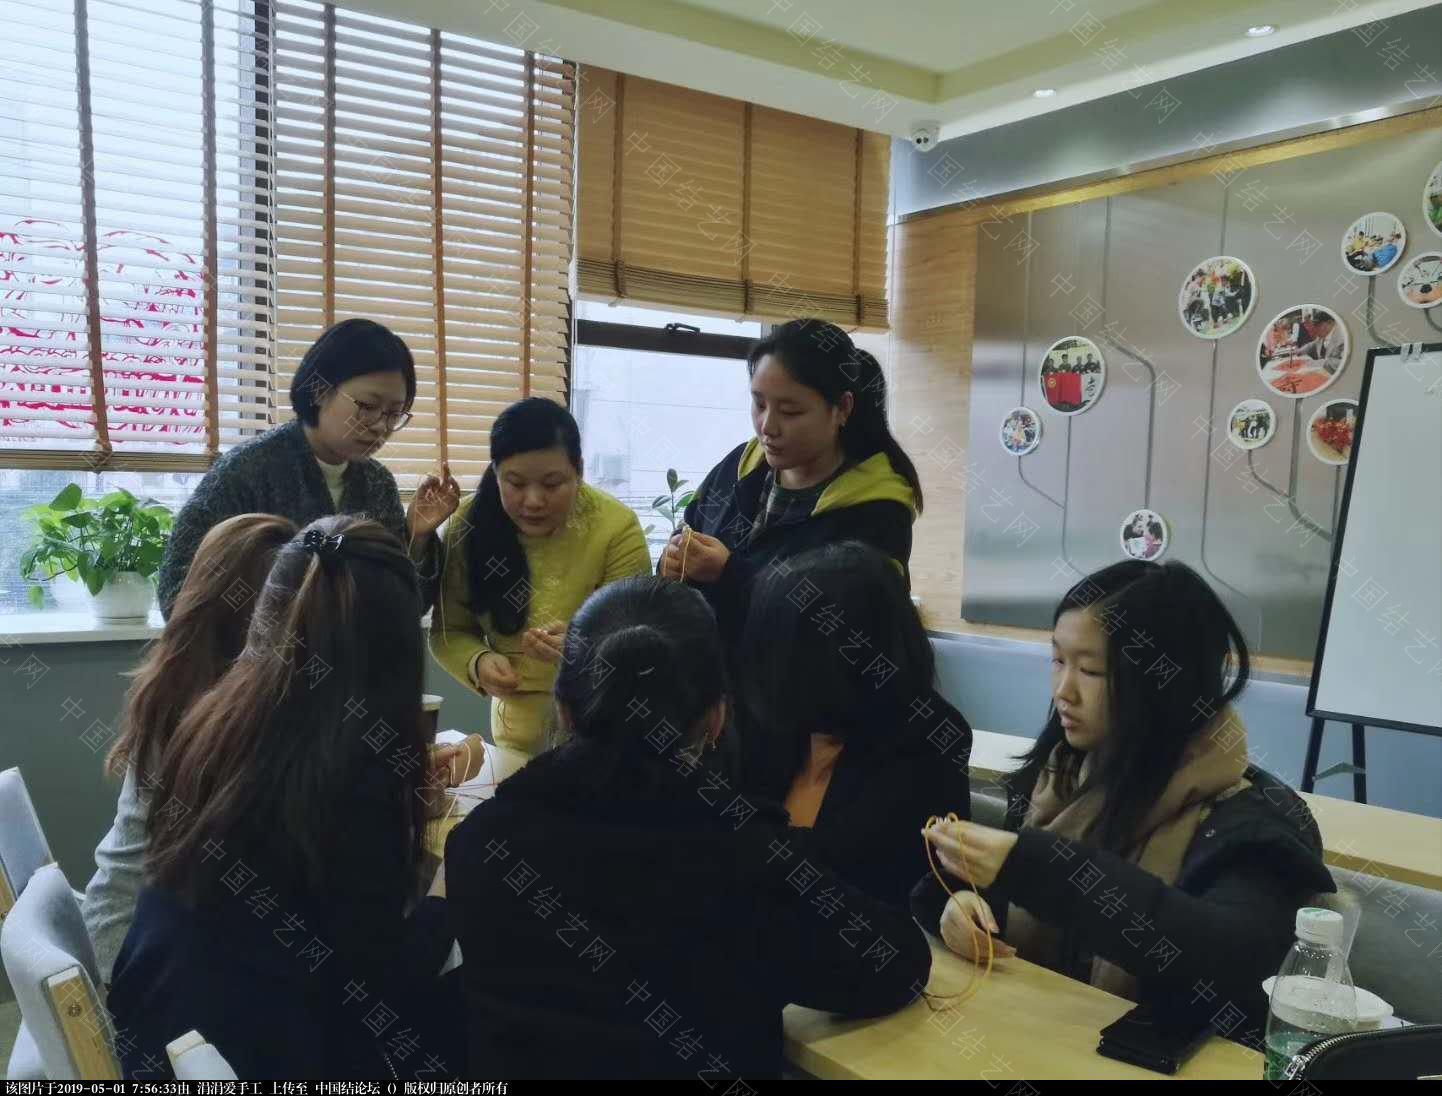 中国结论坛 年轻朝气的大学生们,来自各国,齐聚上海青编舍学习中国传统文化·中国结  结艺网各地联谊会 075036culn4rqk8b6k8ot4